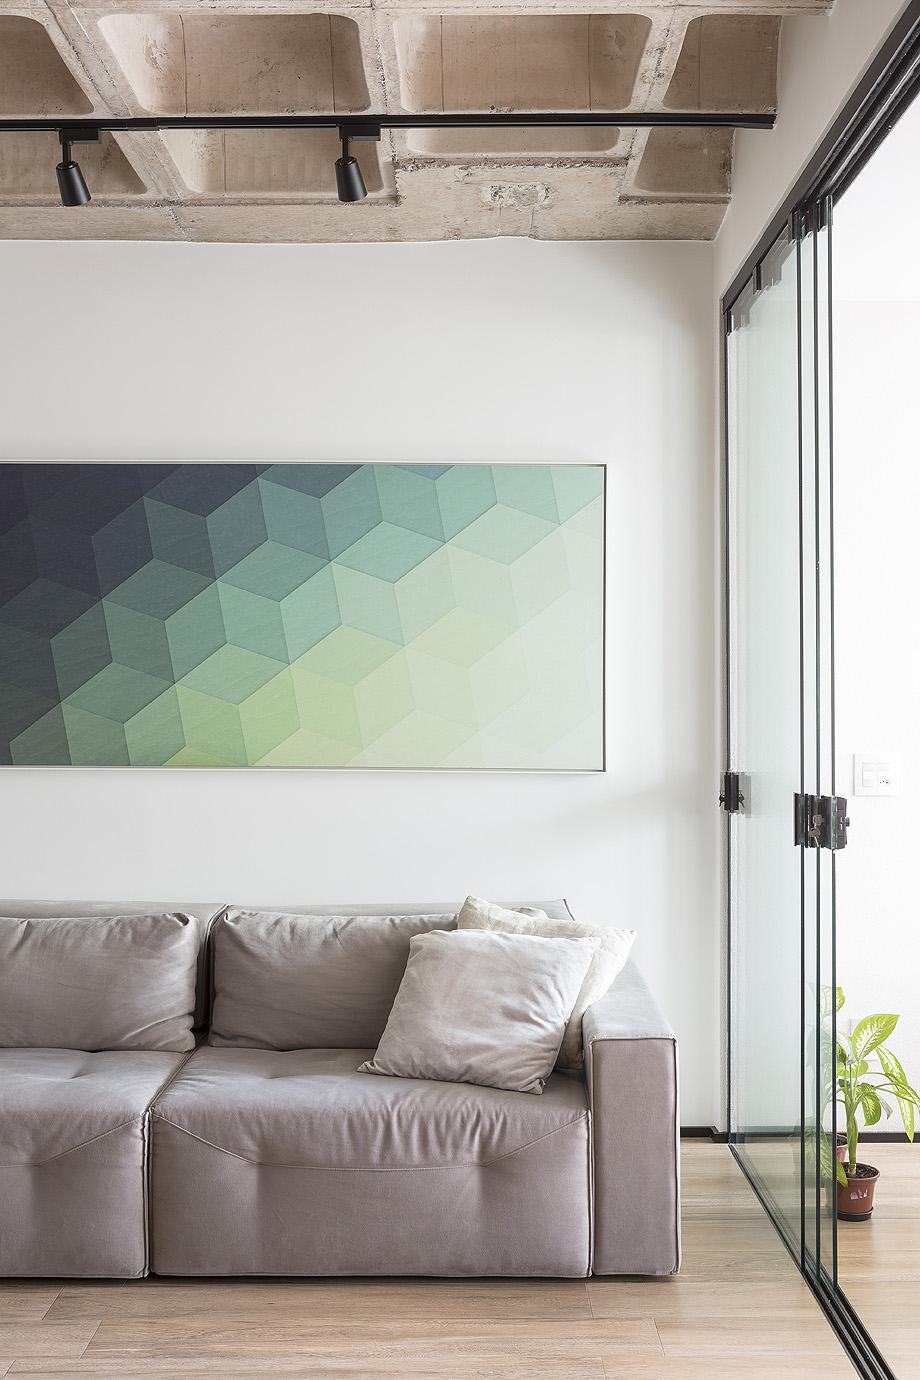 apartamento nw108 de coda arquitetos - foto joana frança (3)